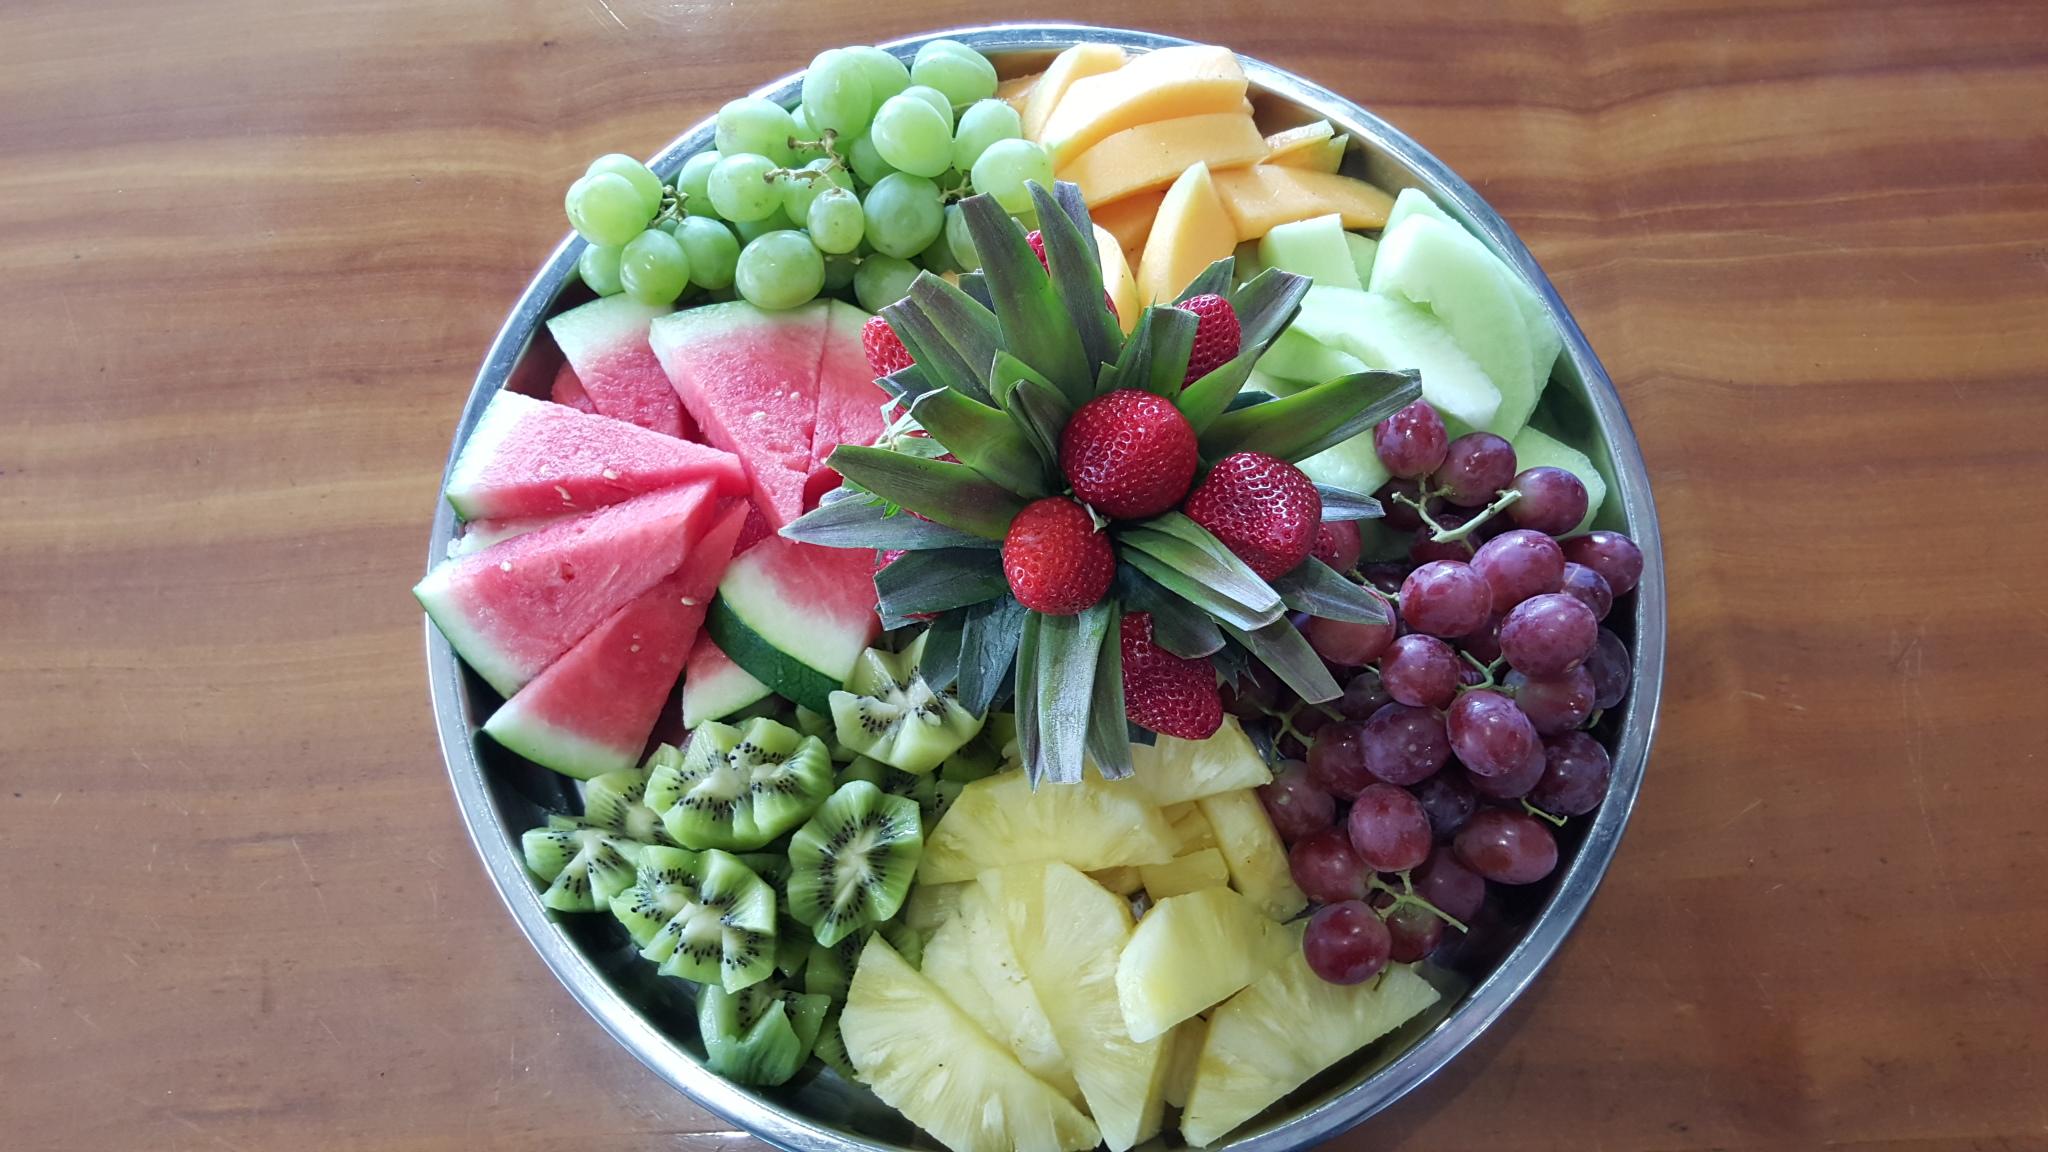 Deluxe Tropical Fruit Platter